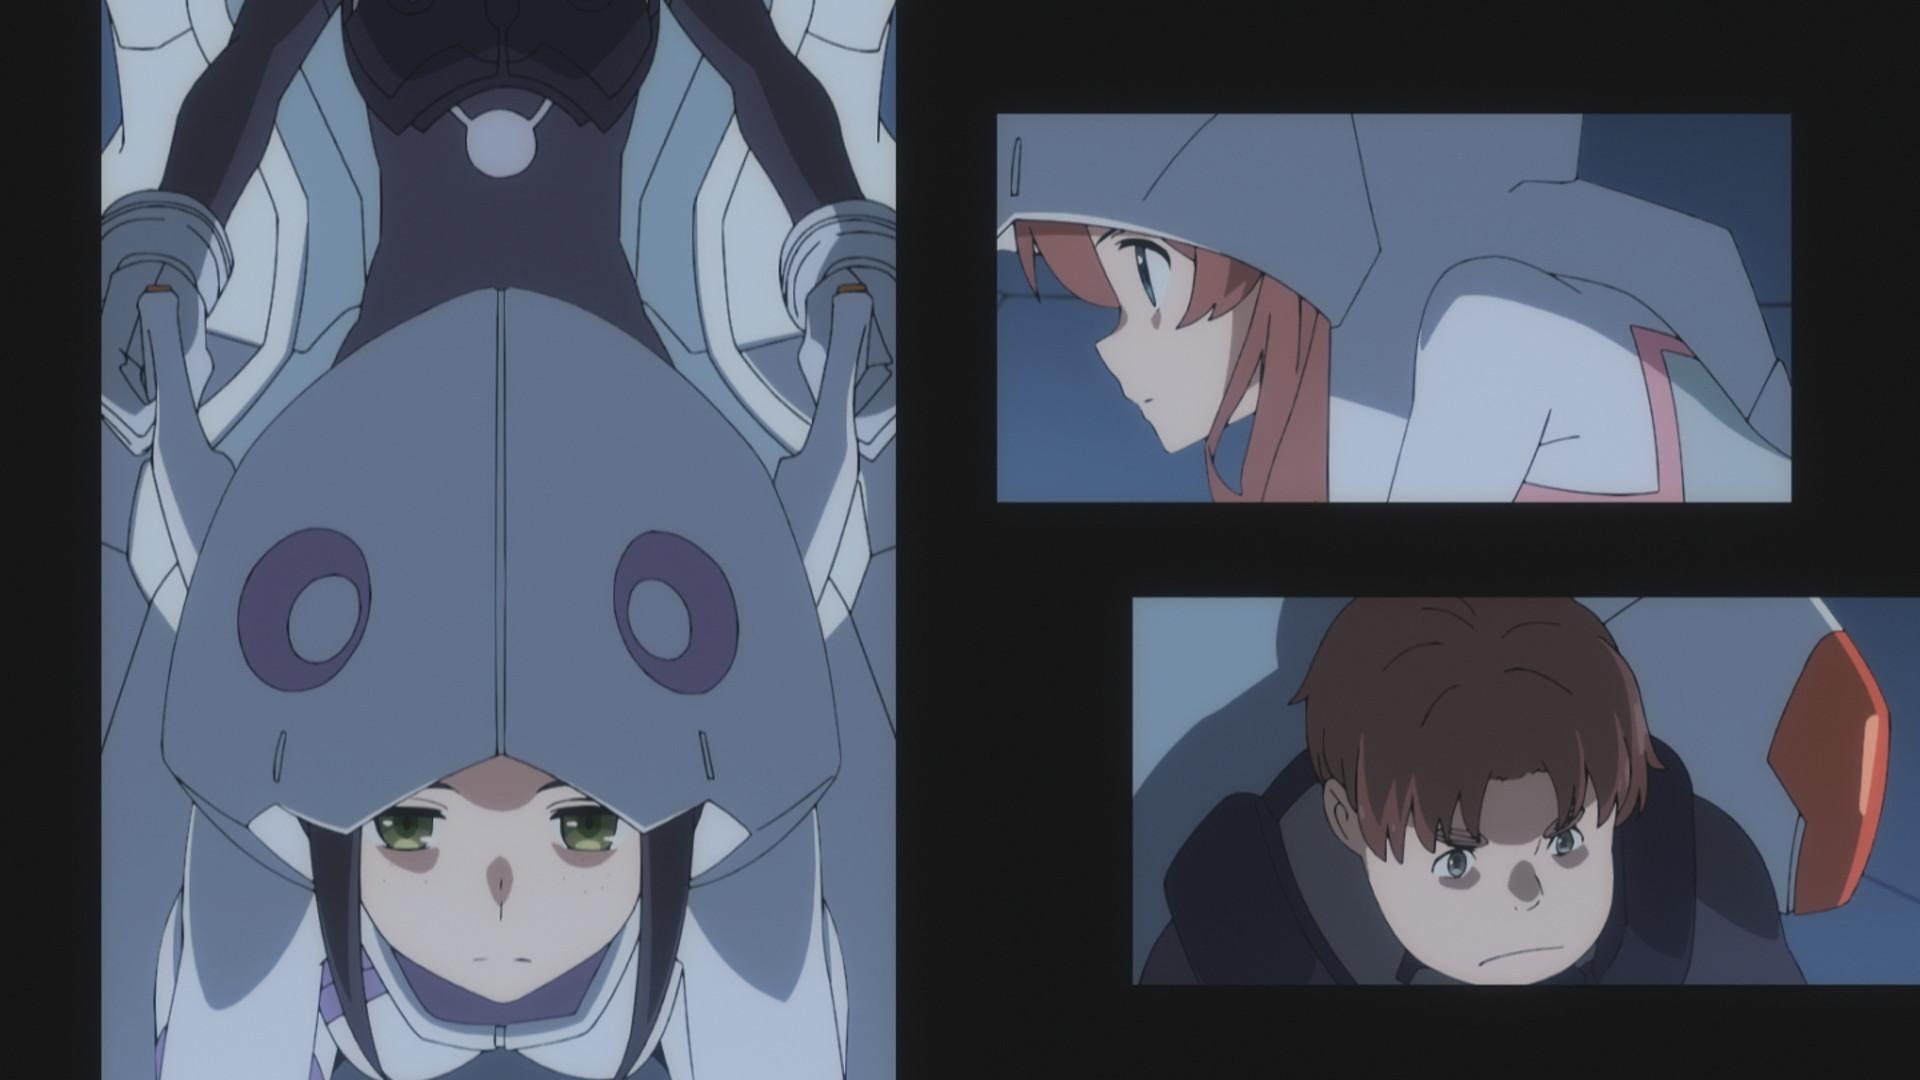 『ダリフラ』早見沙織×後藤ヒロキ、二人が序盤でもっとも気になったポイント